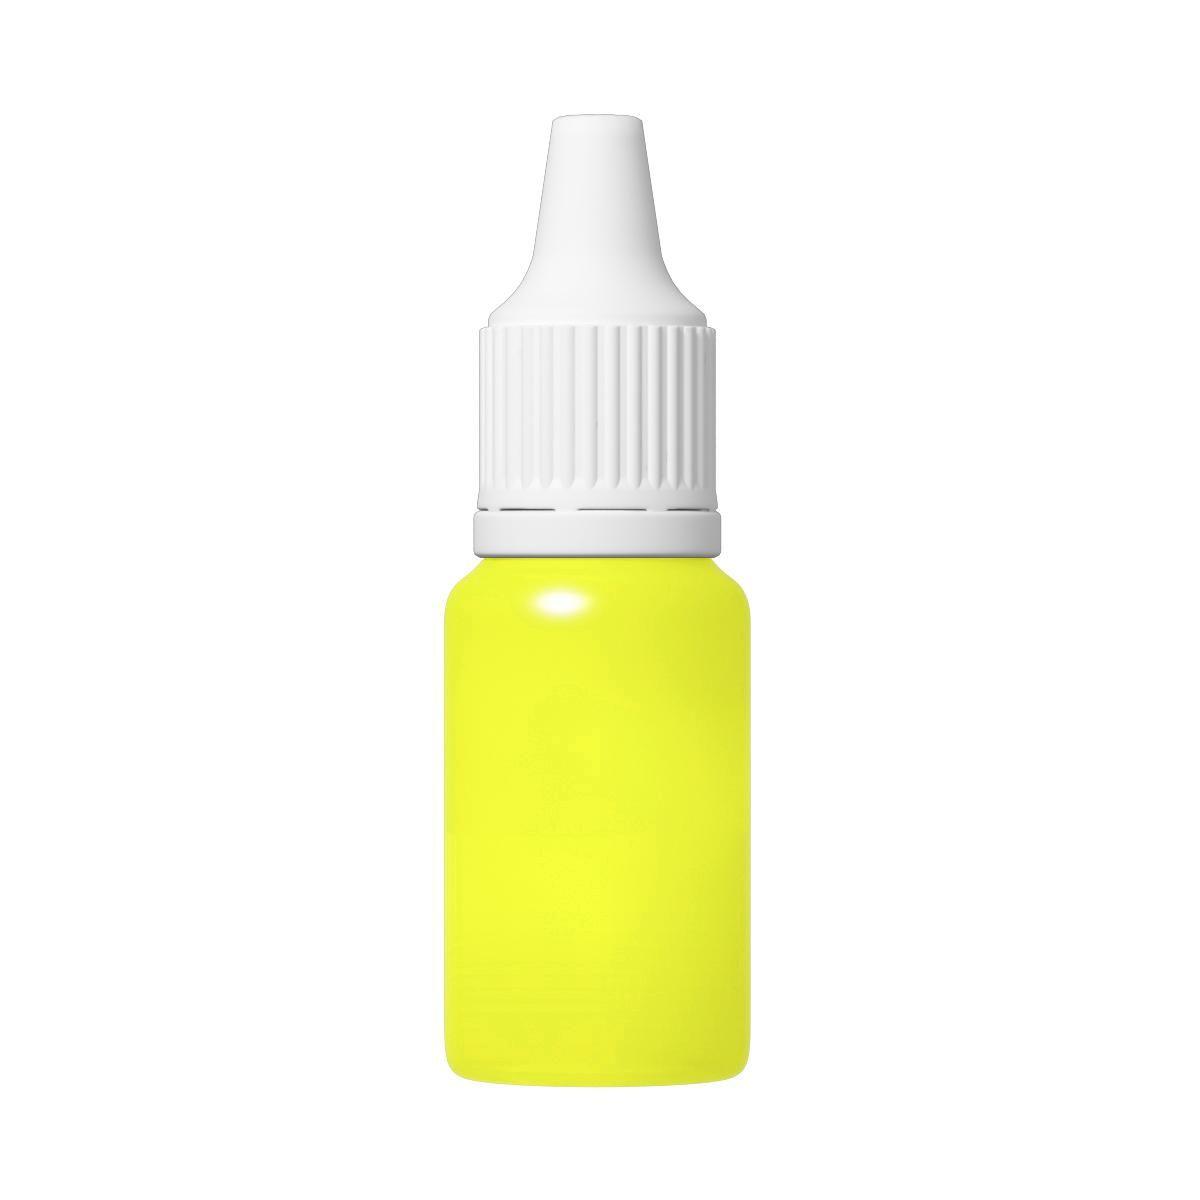 TFC Silikonfarbe Farbpaste Silikon Kautschuk RAL1026 neon leuchtgelb